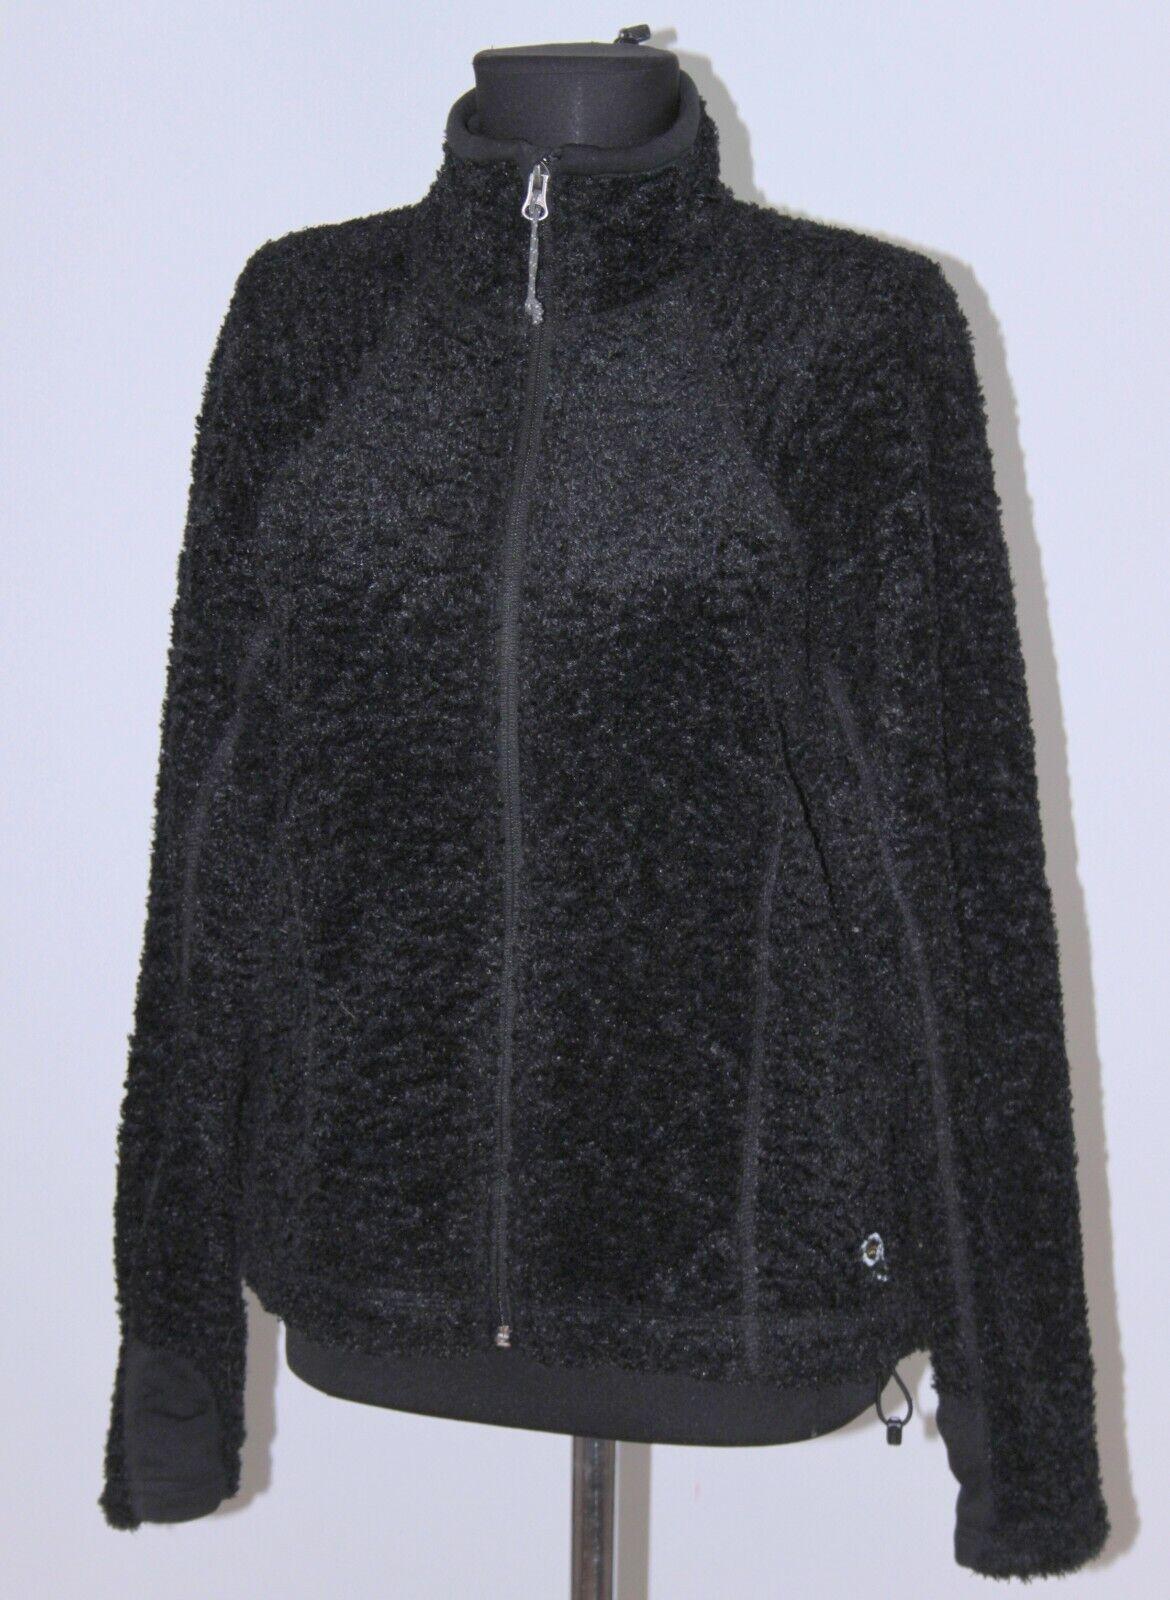 Mountain Hardwear womens active wear black full zip jacket Size M